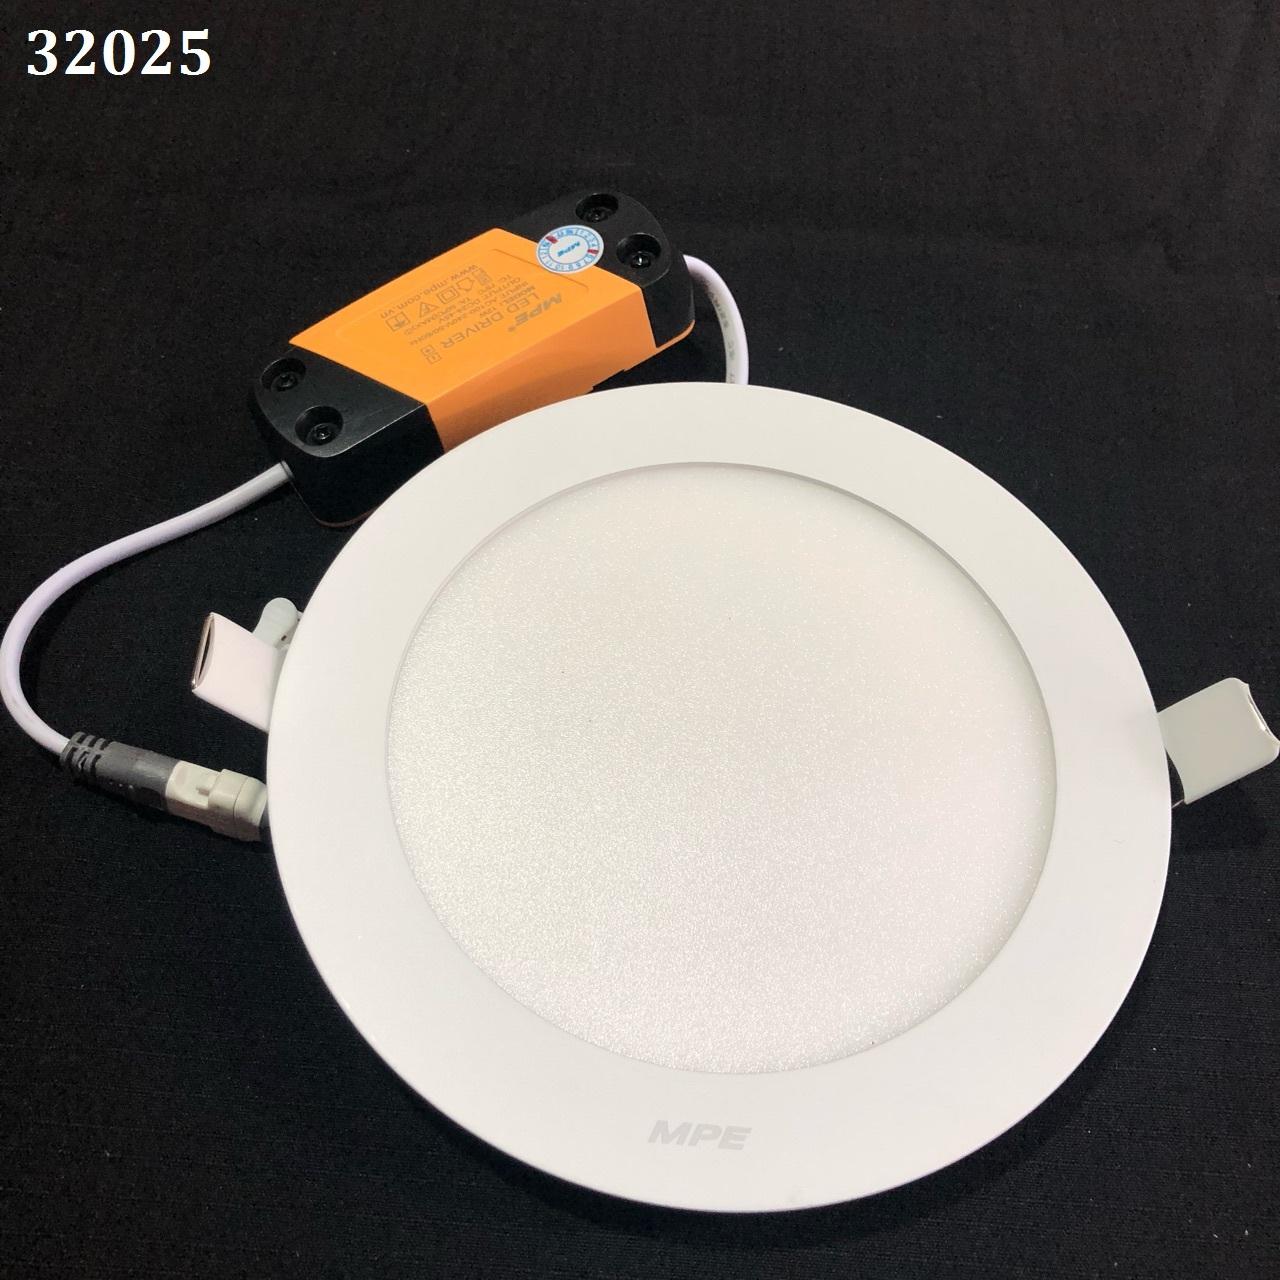 Đèn led panel tròn âm 12W , ánh sáng trắng , kích thước Ø170 mm, lỗ đục : Ø150mm  RPL-12T MPE